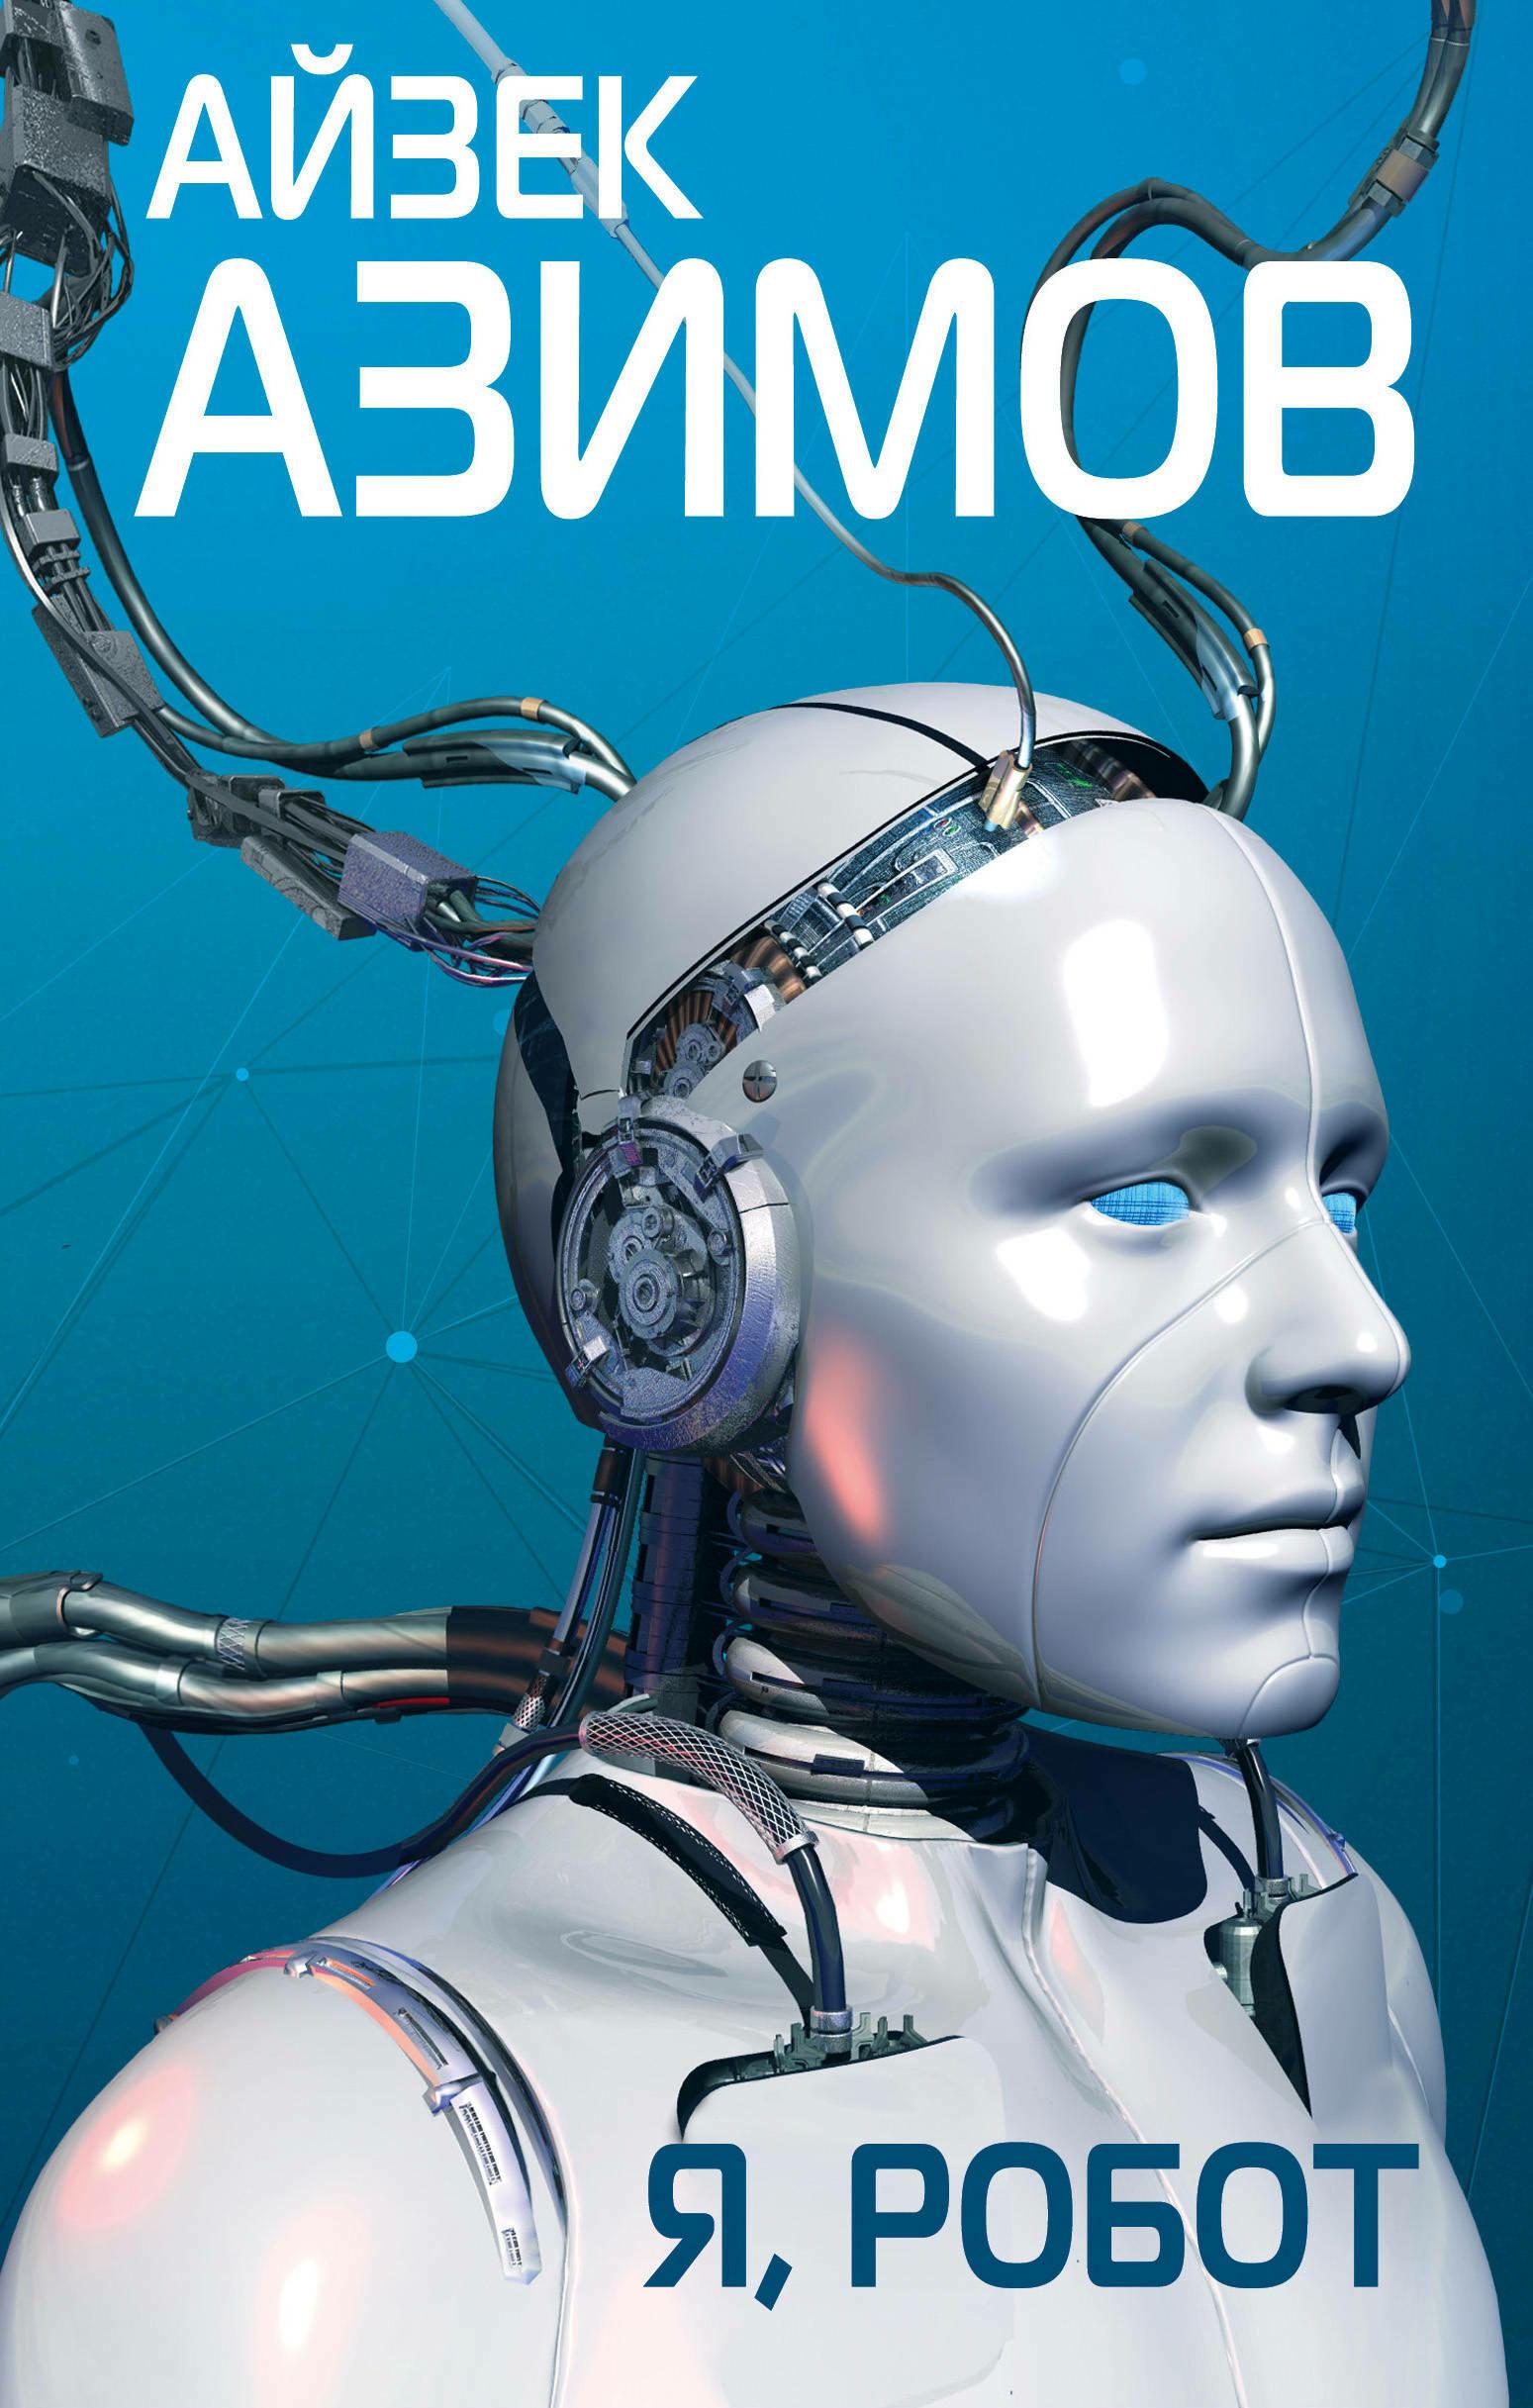 Айзек азимов: три закона робототехники